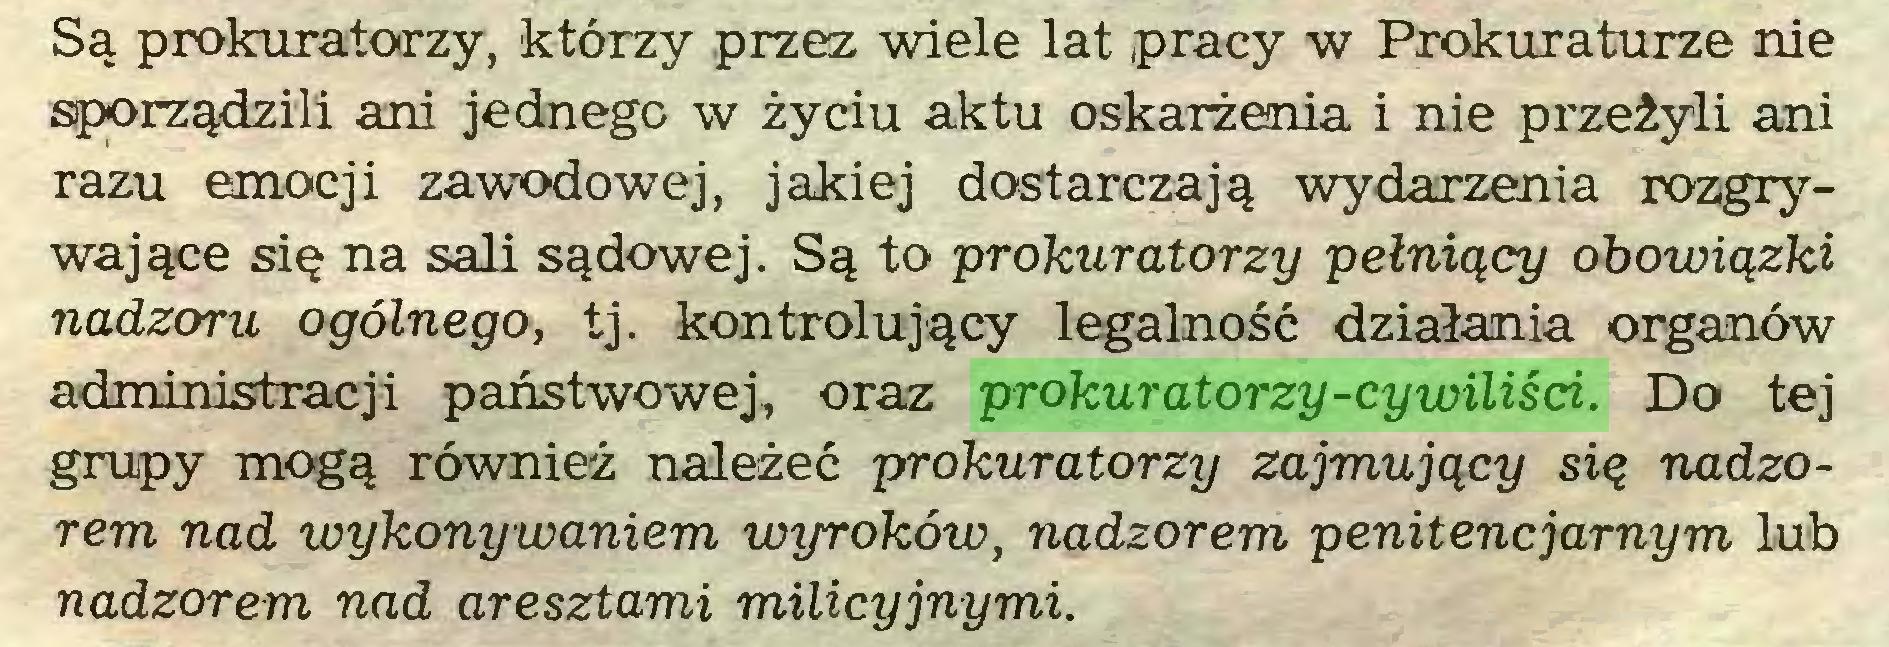 (...) Są prokuratorzy, którzy przez wiele lat pracy w Prokuraturze nie sporządzili ani jednego w życiu aktu oskarżenia i nie przeżyli ani razu emocji zawodowej, jakiej dostarczają wydarzenia rozgrywające się na sali sądowej. Są to prokuratorzy pełniący obowiązki nadzoru ogólnego, tj. kontrolujący legalność działania organów administracji państwowej, oraz prokuratorzy-cywiliści. Do tej grupy mogą również należeć prokuratorzy zajmujący się nadzorem nad toykonywaniem wyroków, nadzorem penitencjarnym lub nadzorem nad aresztami milicyjnymi...